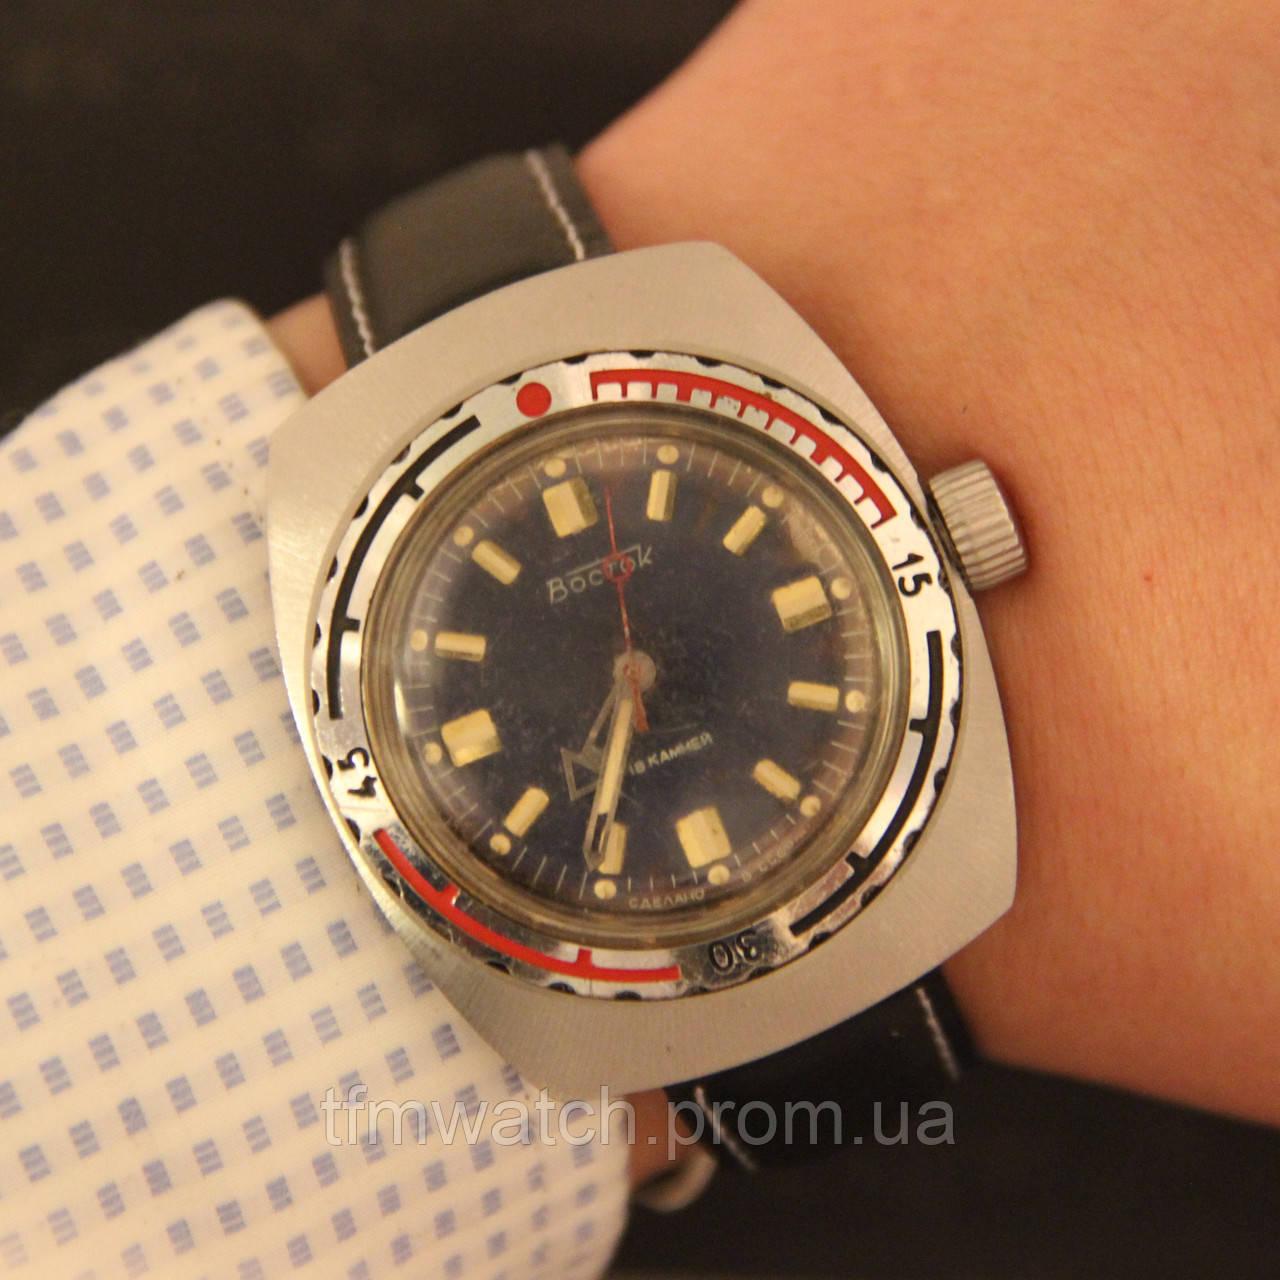 03ab1fd7 Восток Амфибия бочка механические часы СССР - Магазин старинных, винтажных  и антикварных часов TFMwatch в